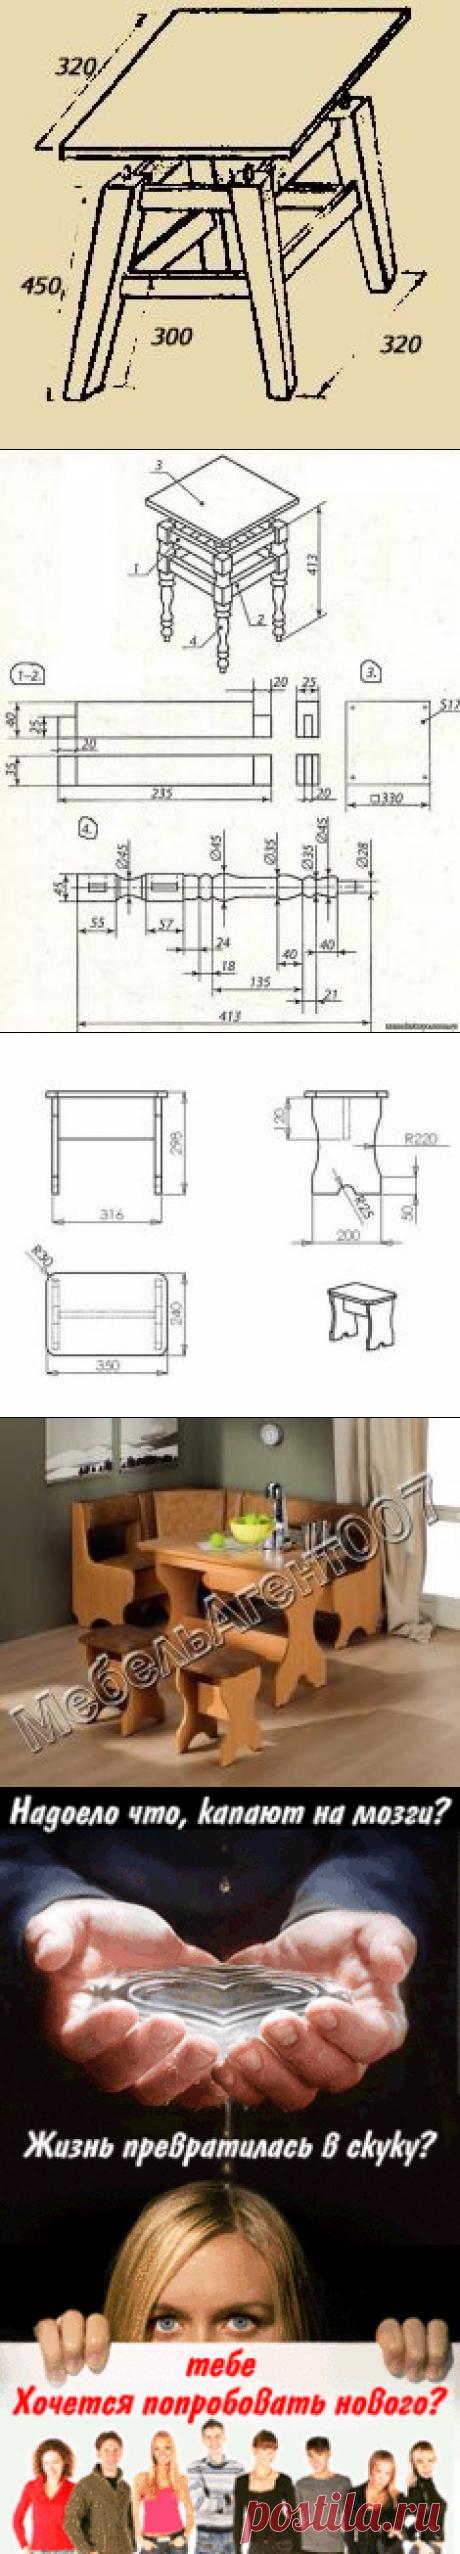 Как сделать надежный и красивый кухонный табурет. Чертежи и способы изготовления табуреток для кухни (Как сделать мебель самому)